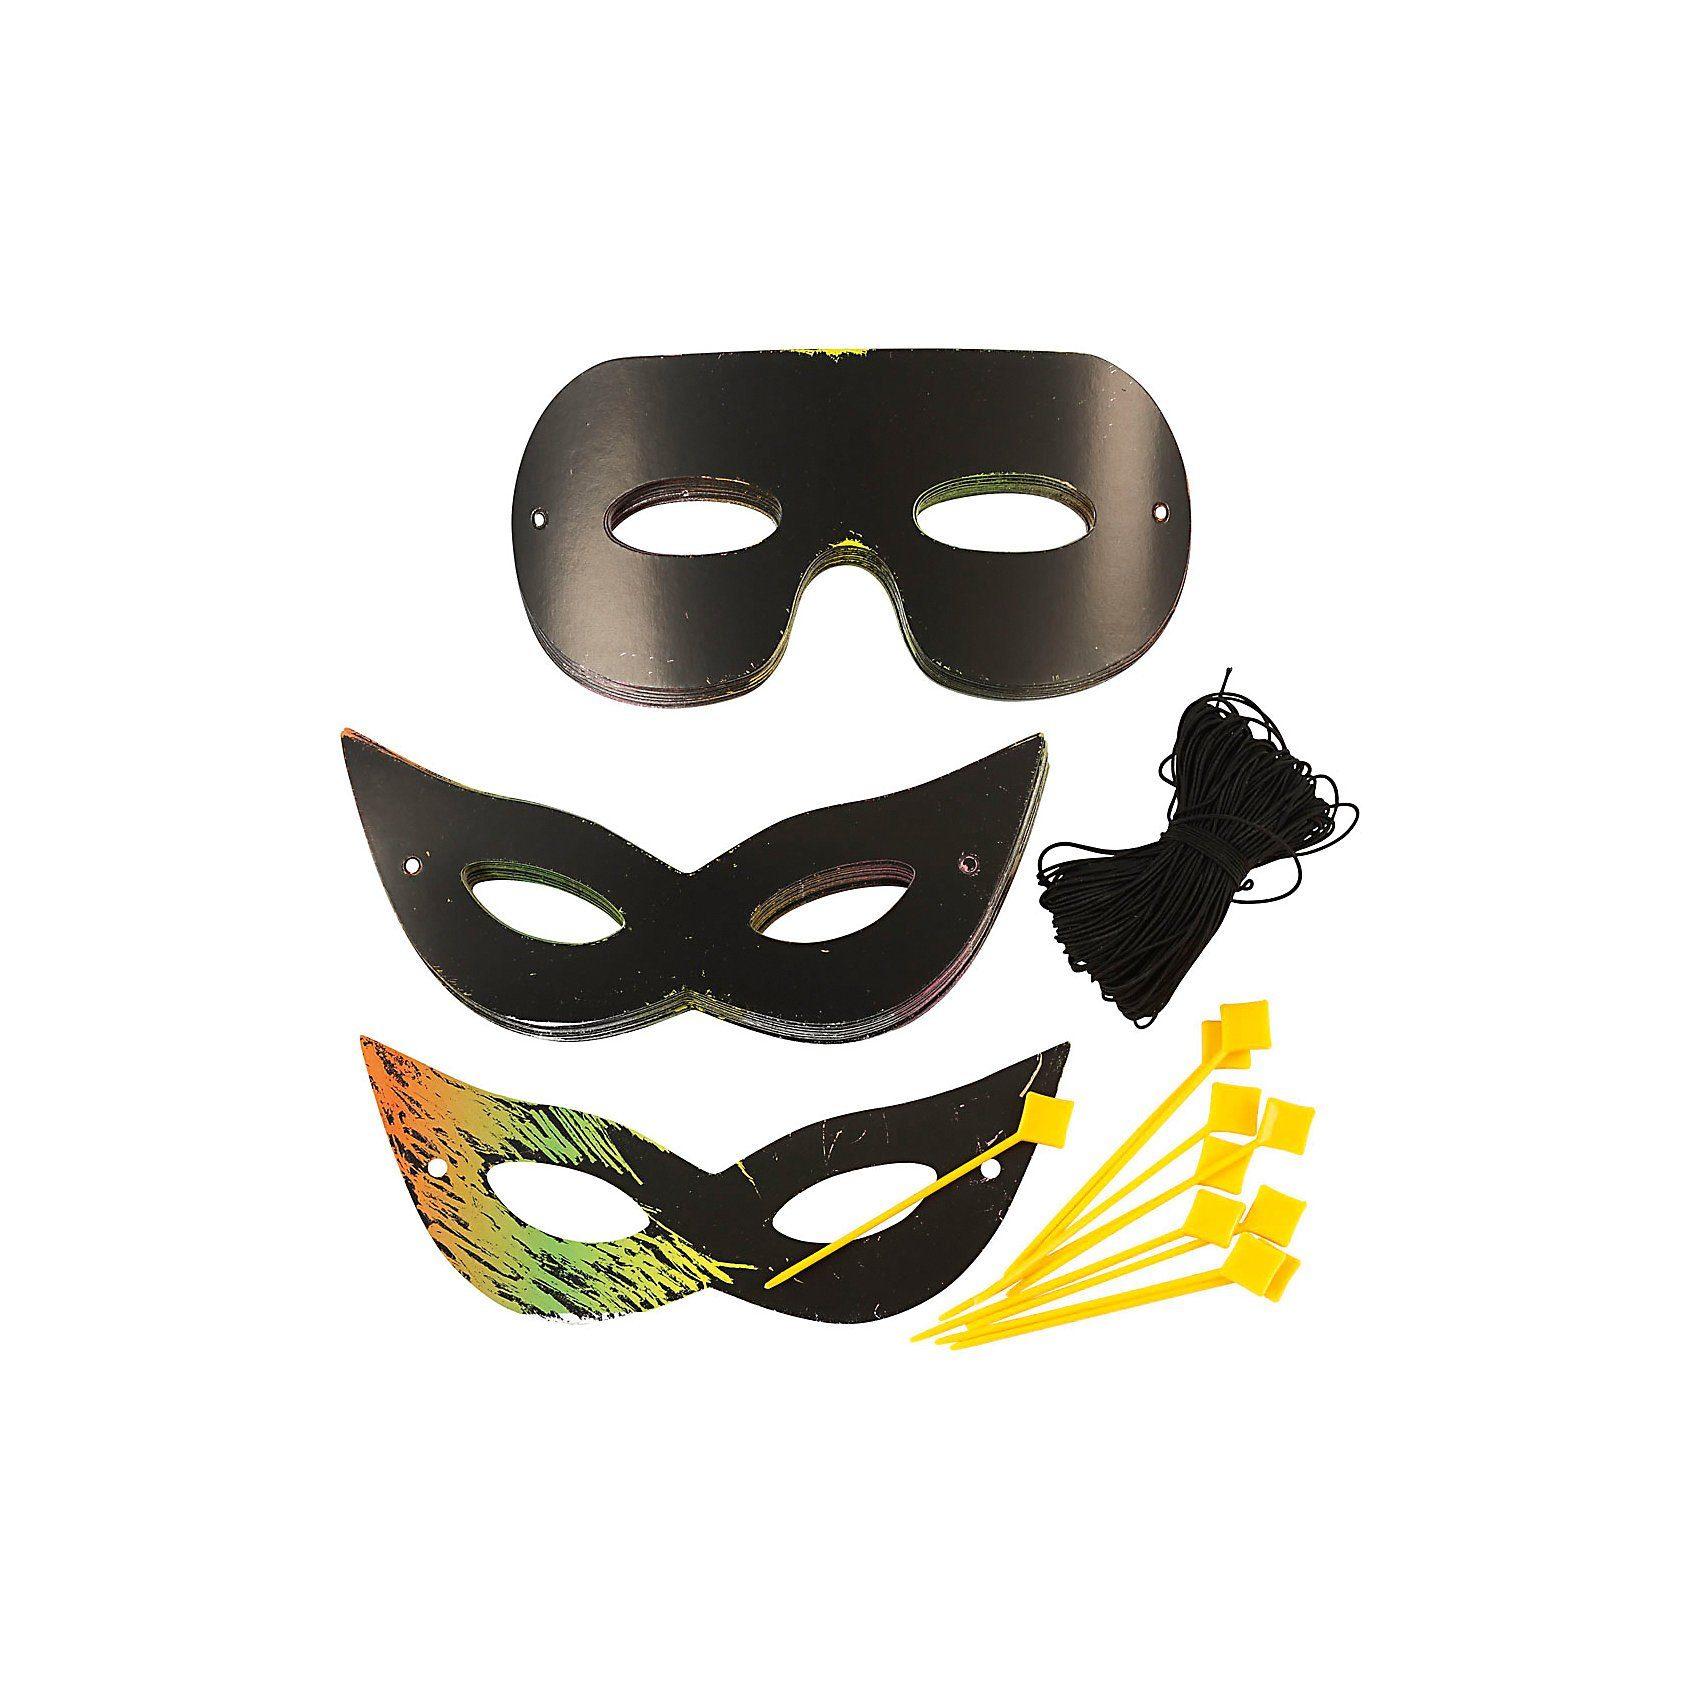 Kratz-Masken, H 7 cm, B 18 cm, 60 Stck., Neonfarben, Schwarz